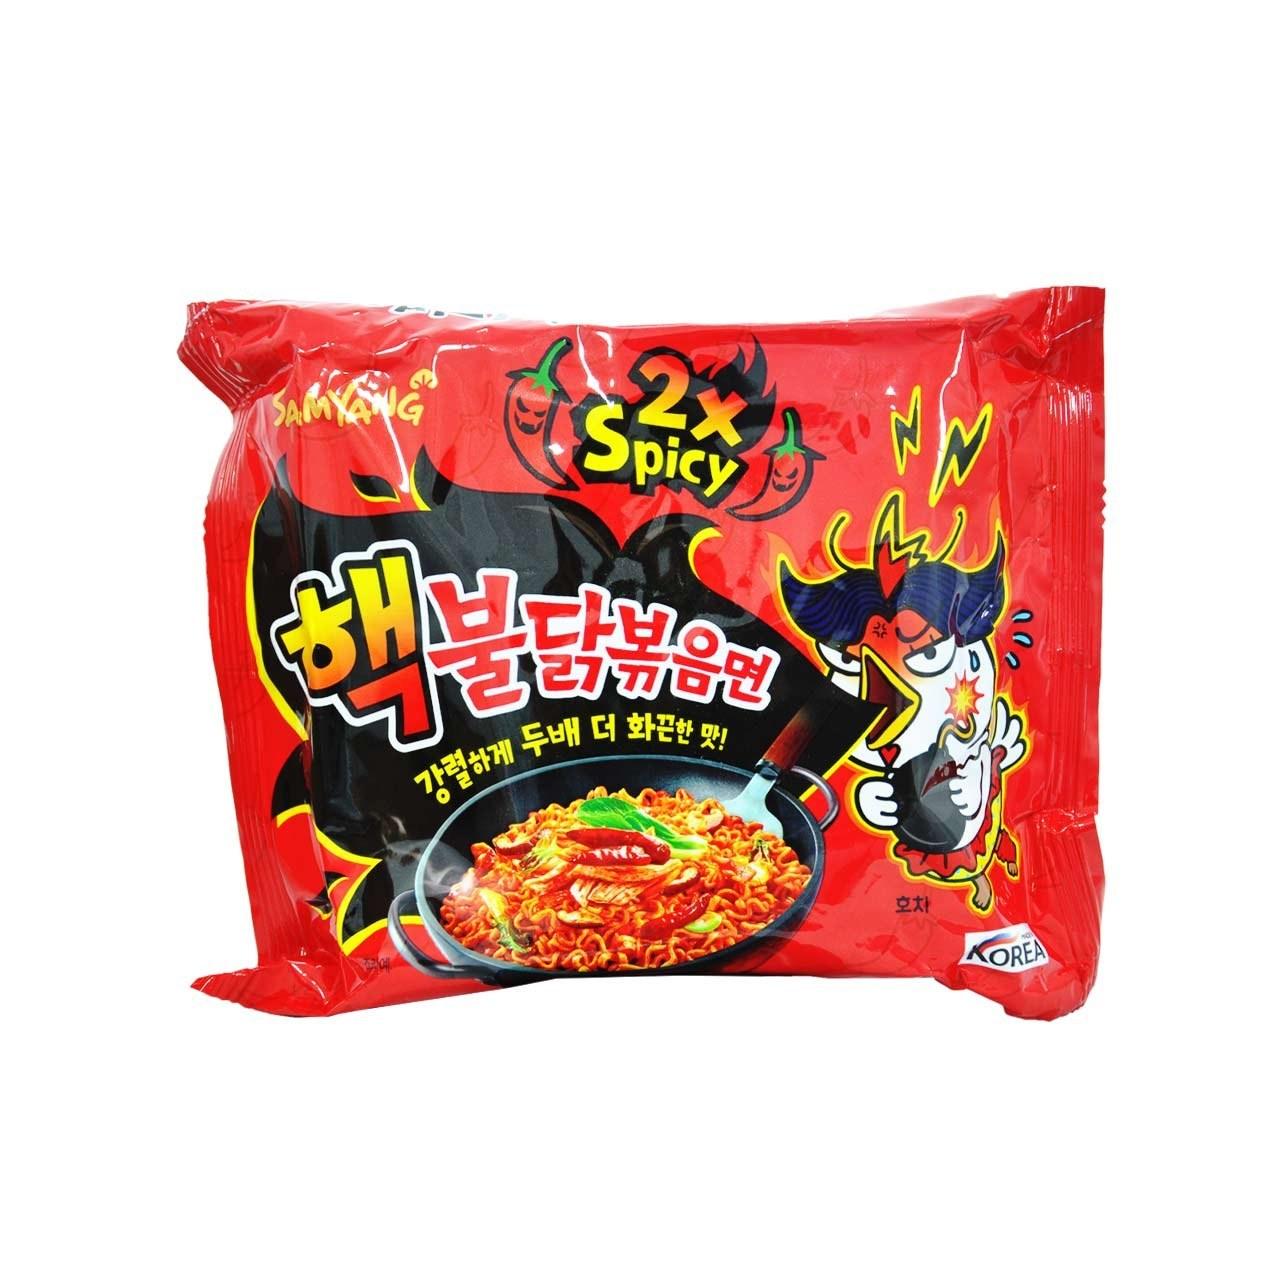 تصویر نودل کره ای (رامن ) مرغ دبل اسپایسی ۱۴۰ گرم بولداک سامیانگ – samyang